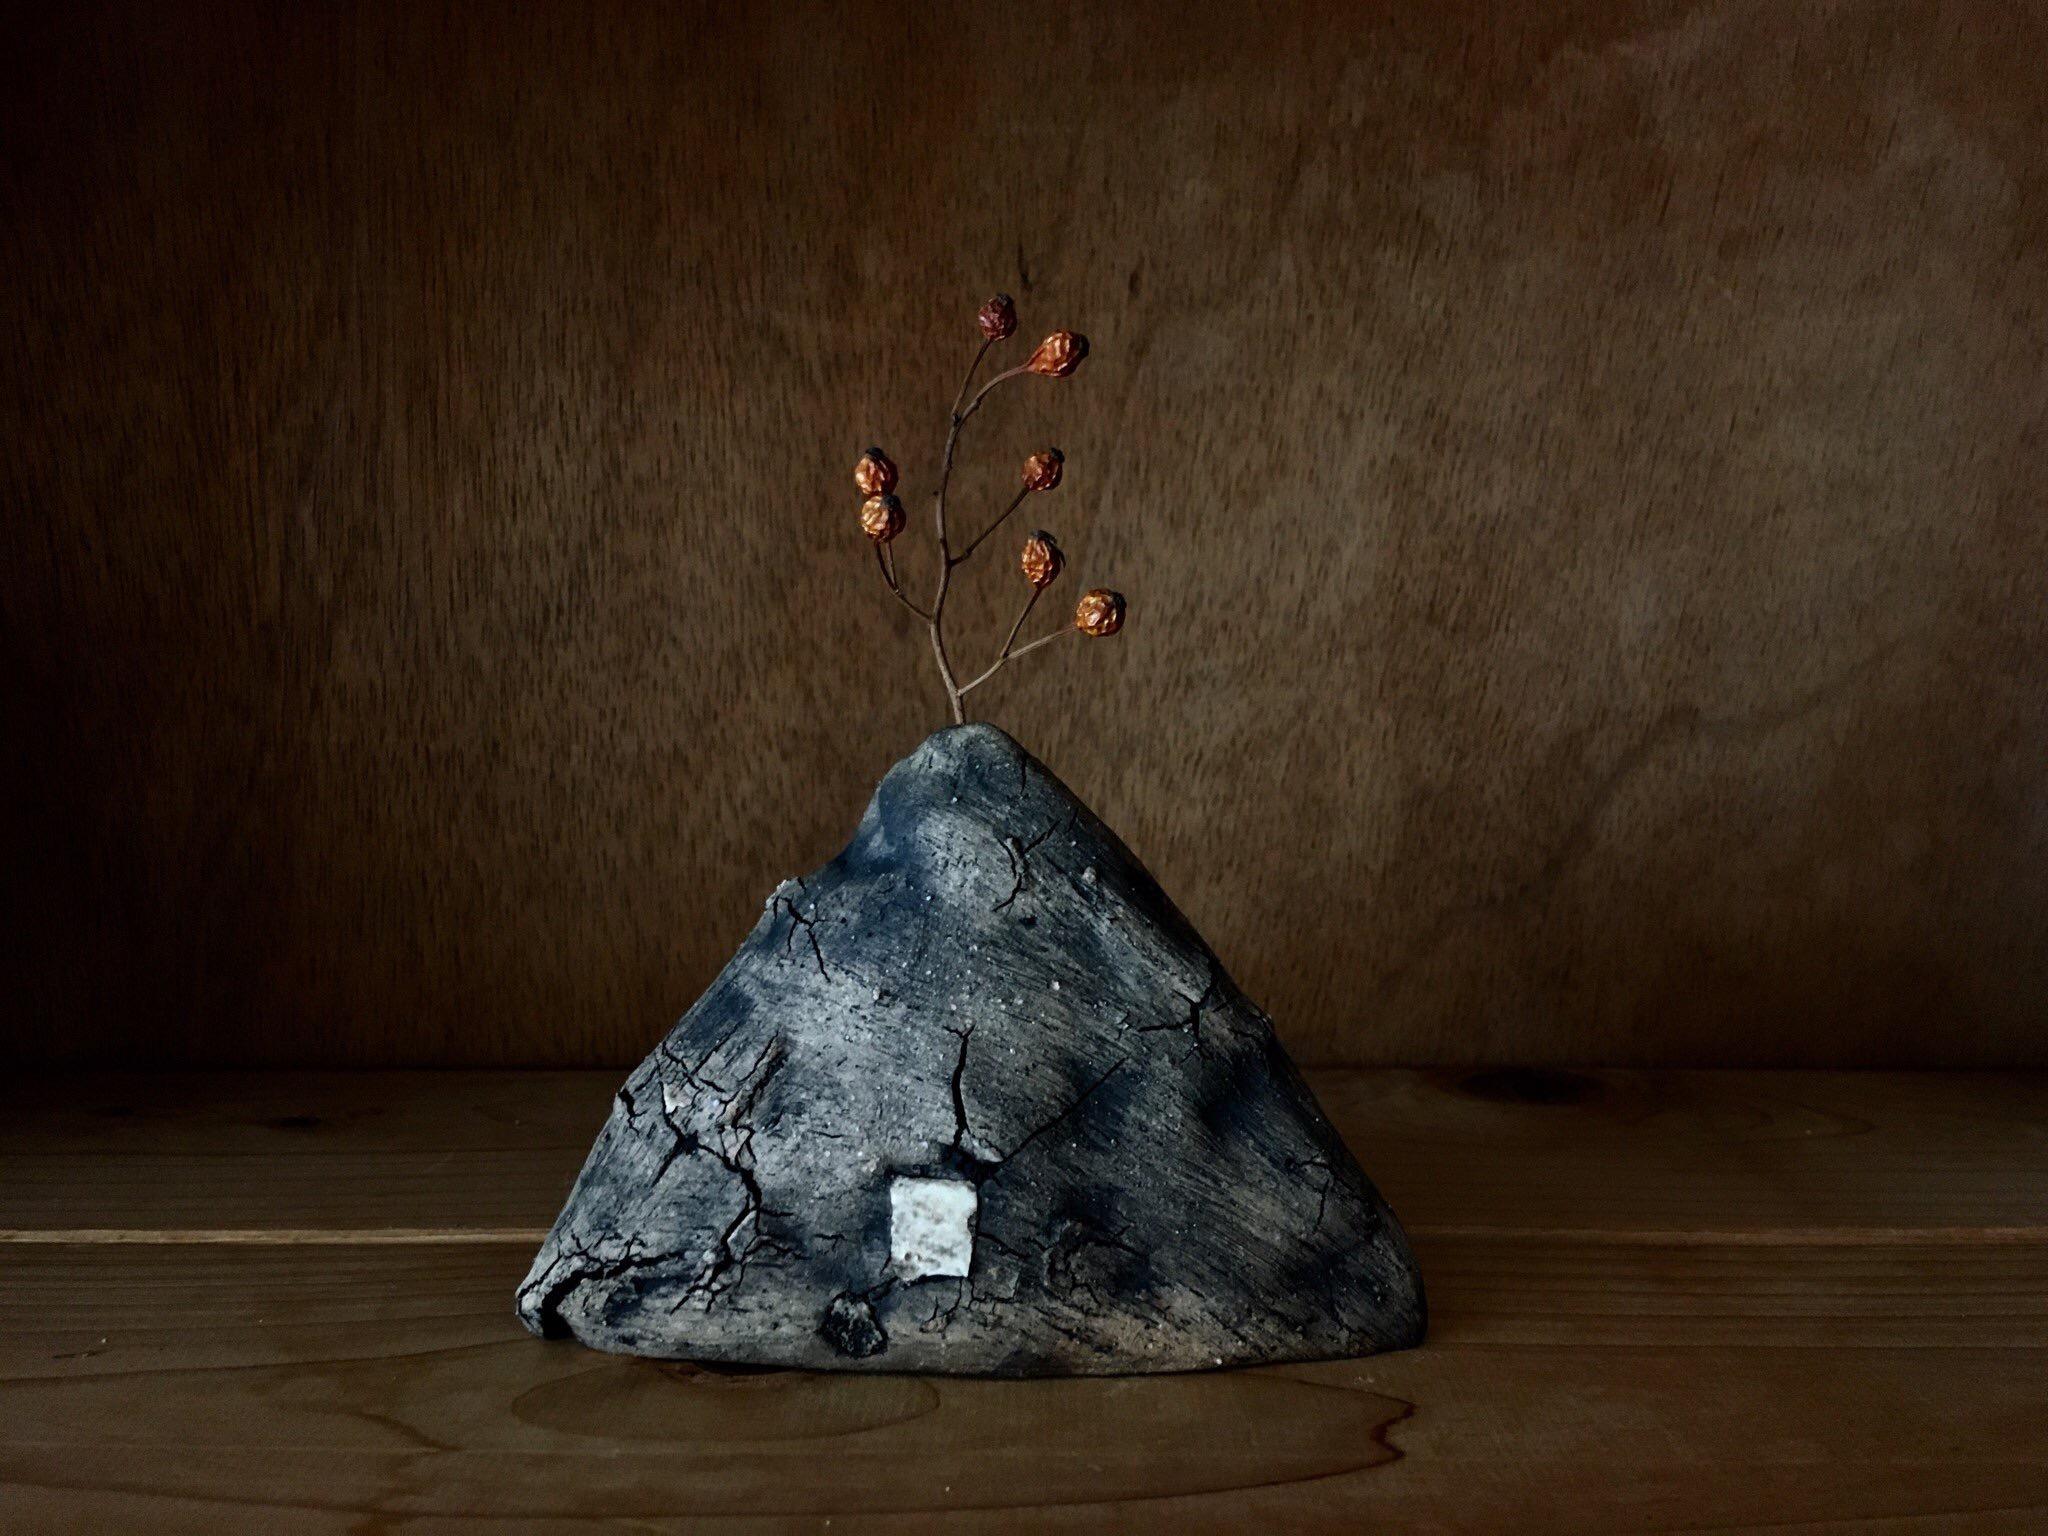 陶芸家植田佳奈さんのテクスチャが面白い作品